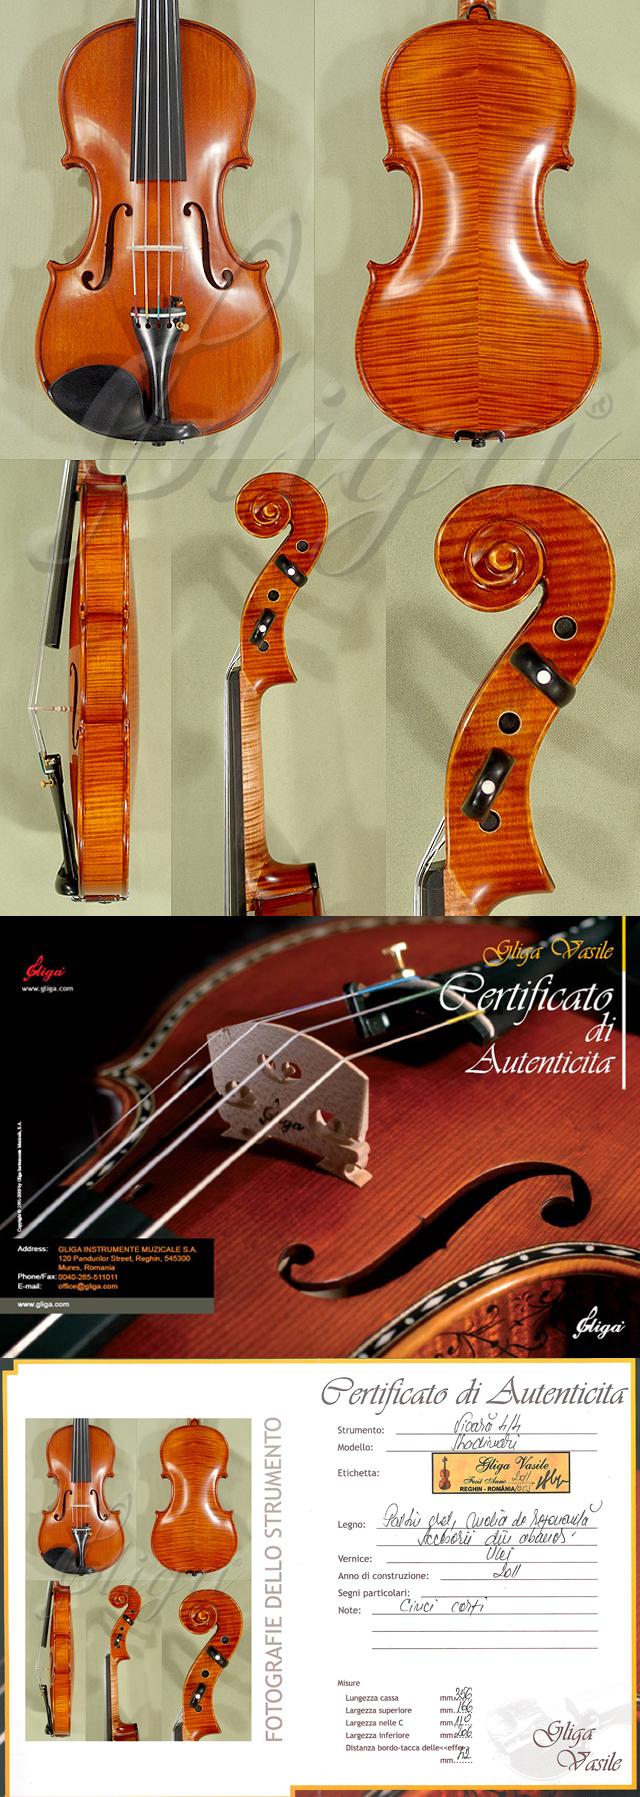 4/4 MAESTRO VASILE GLIGA Five Strings Violin